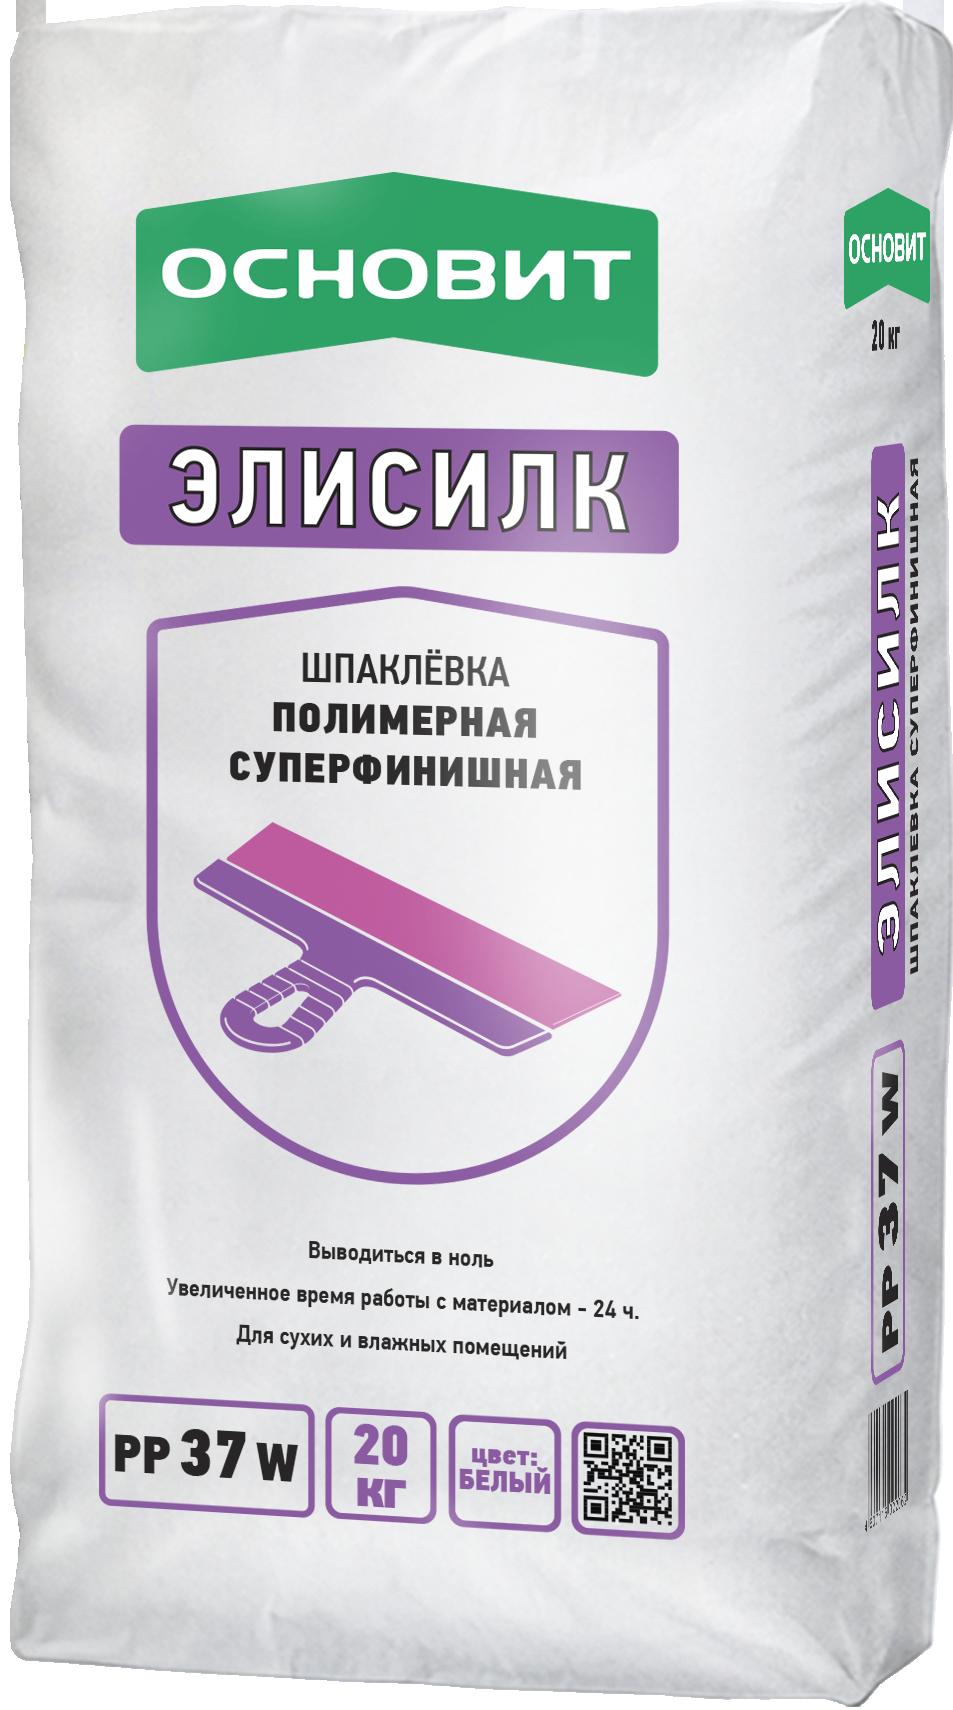 цена на Основит Элисилк  PP37 W (шпаклевка полимерная суперфинишная), 20 кг